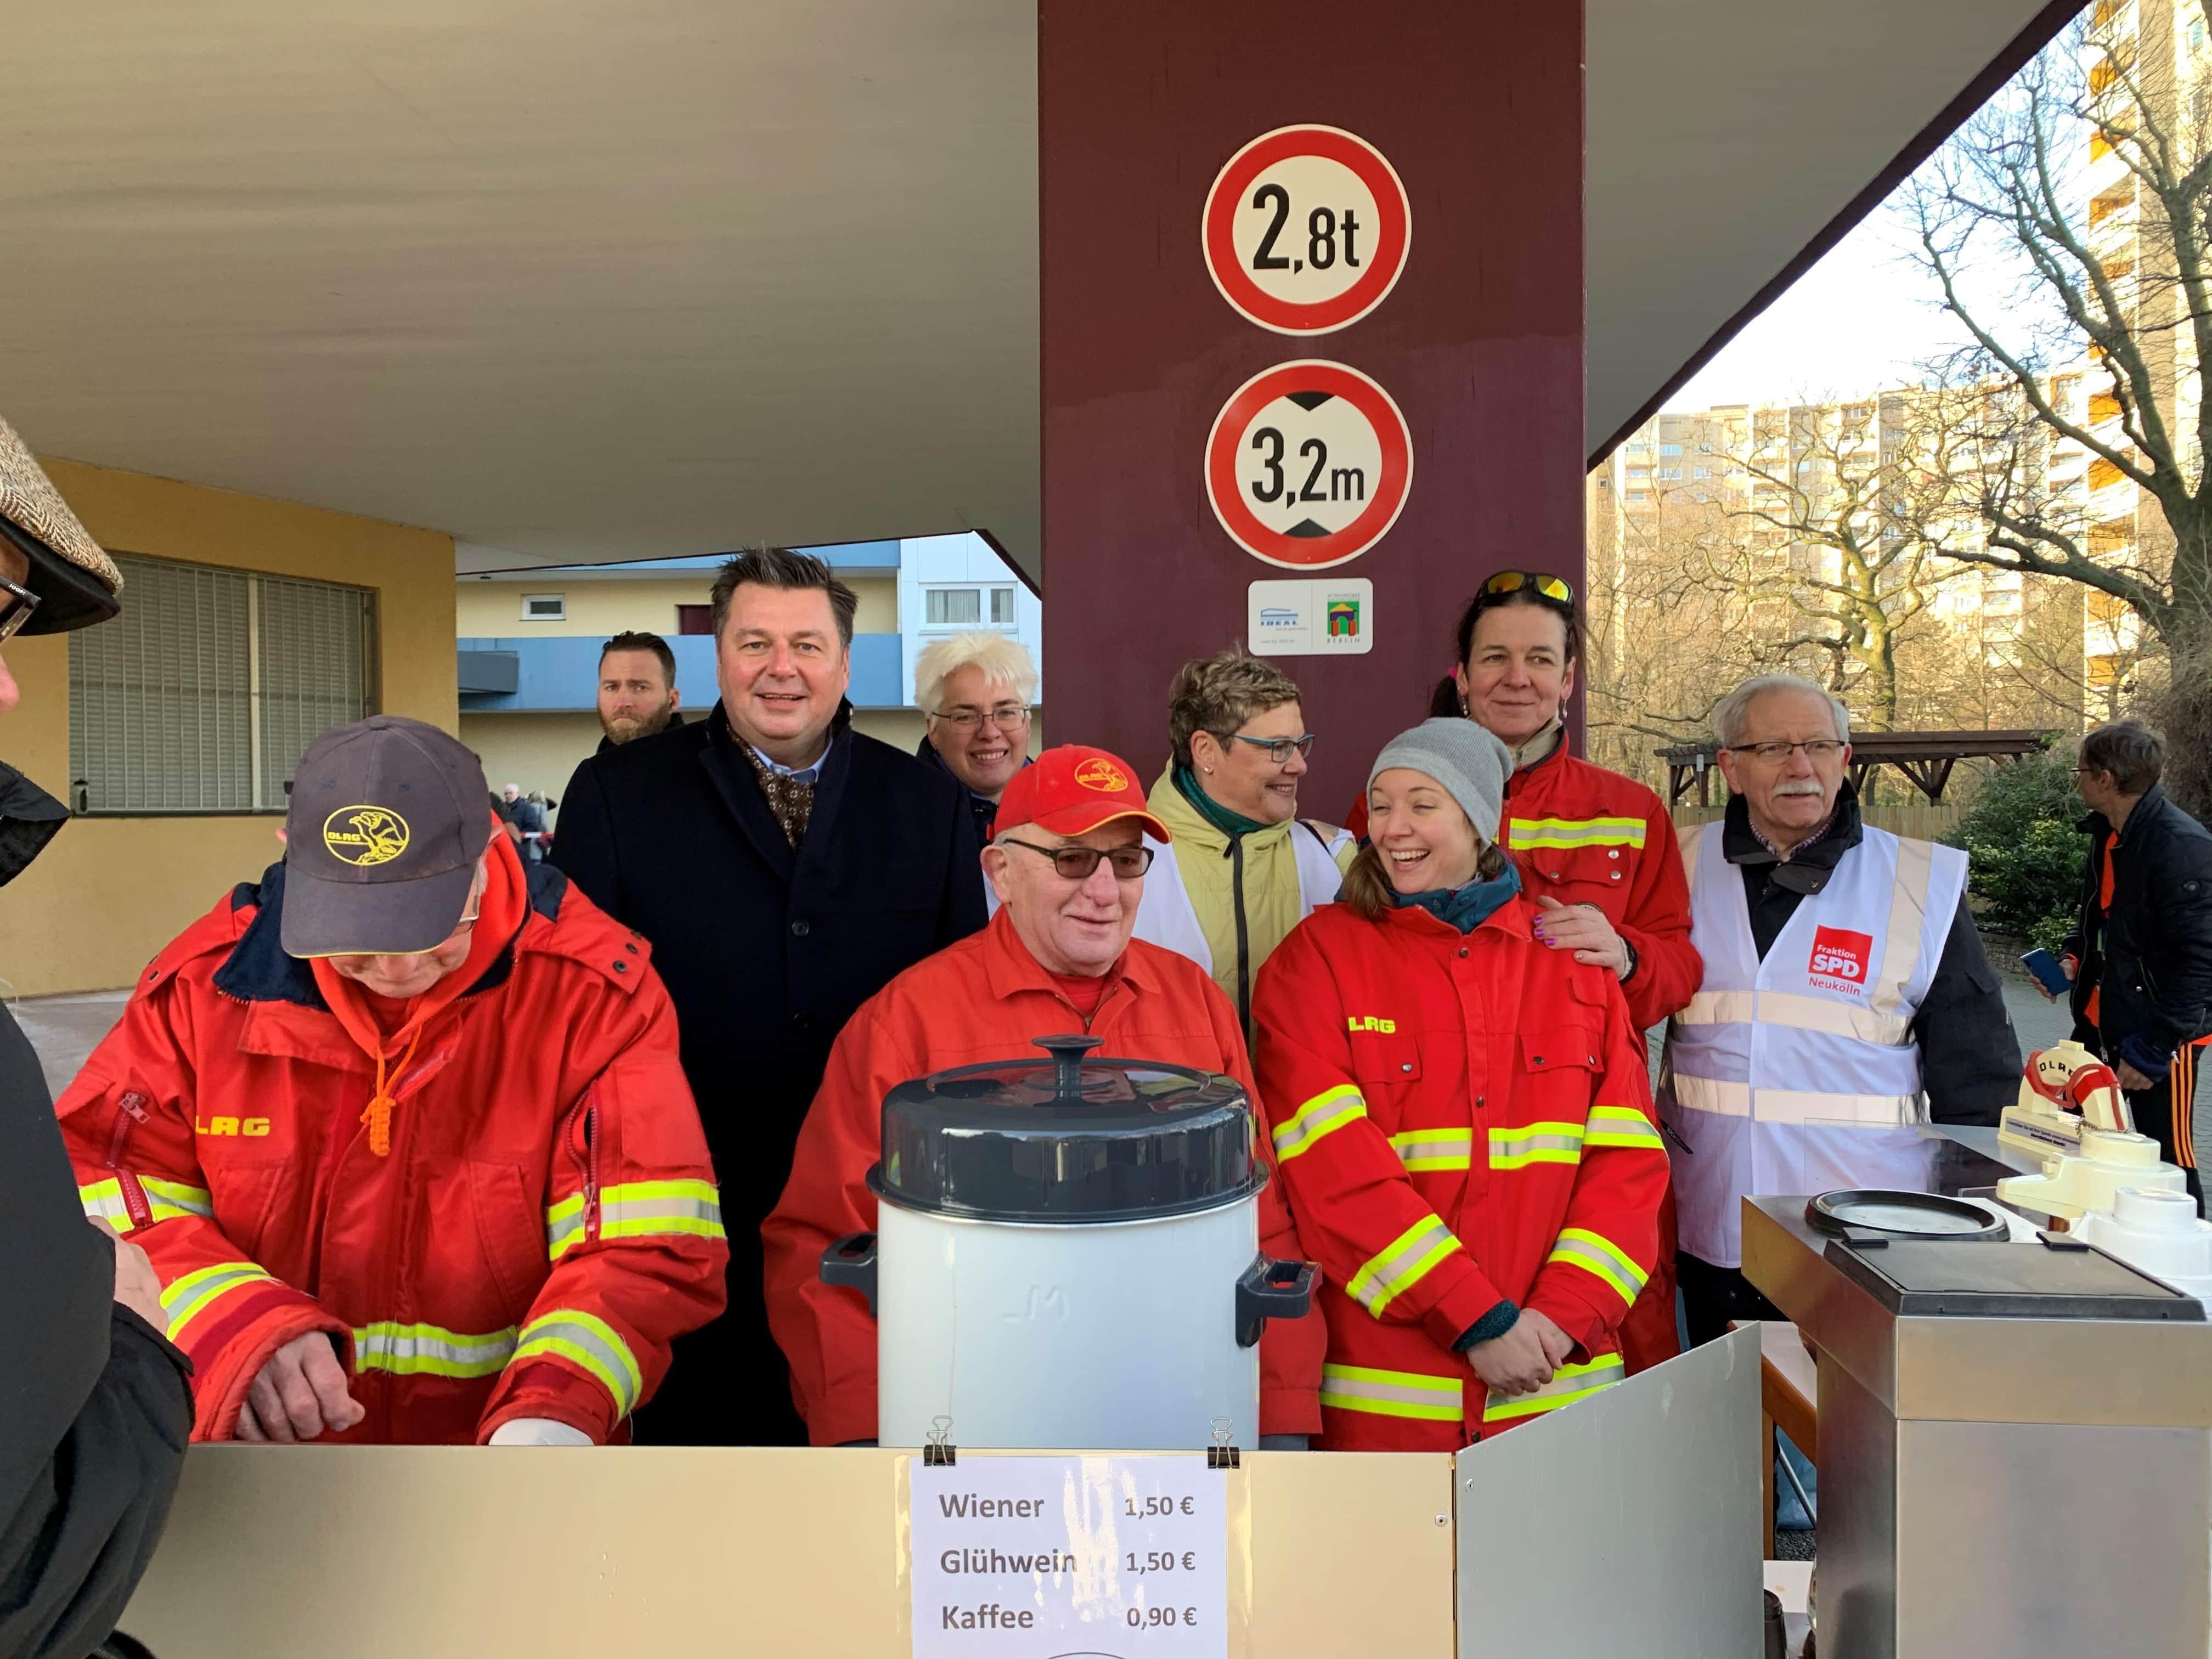 Jubiläum: Der 20. Tower-Run im IDEAL-Hochhaus in der Gropiusstadt 6